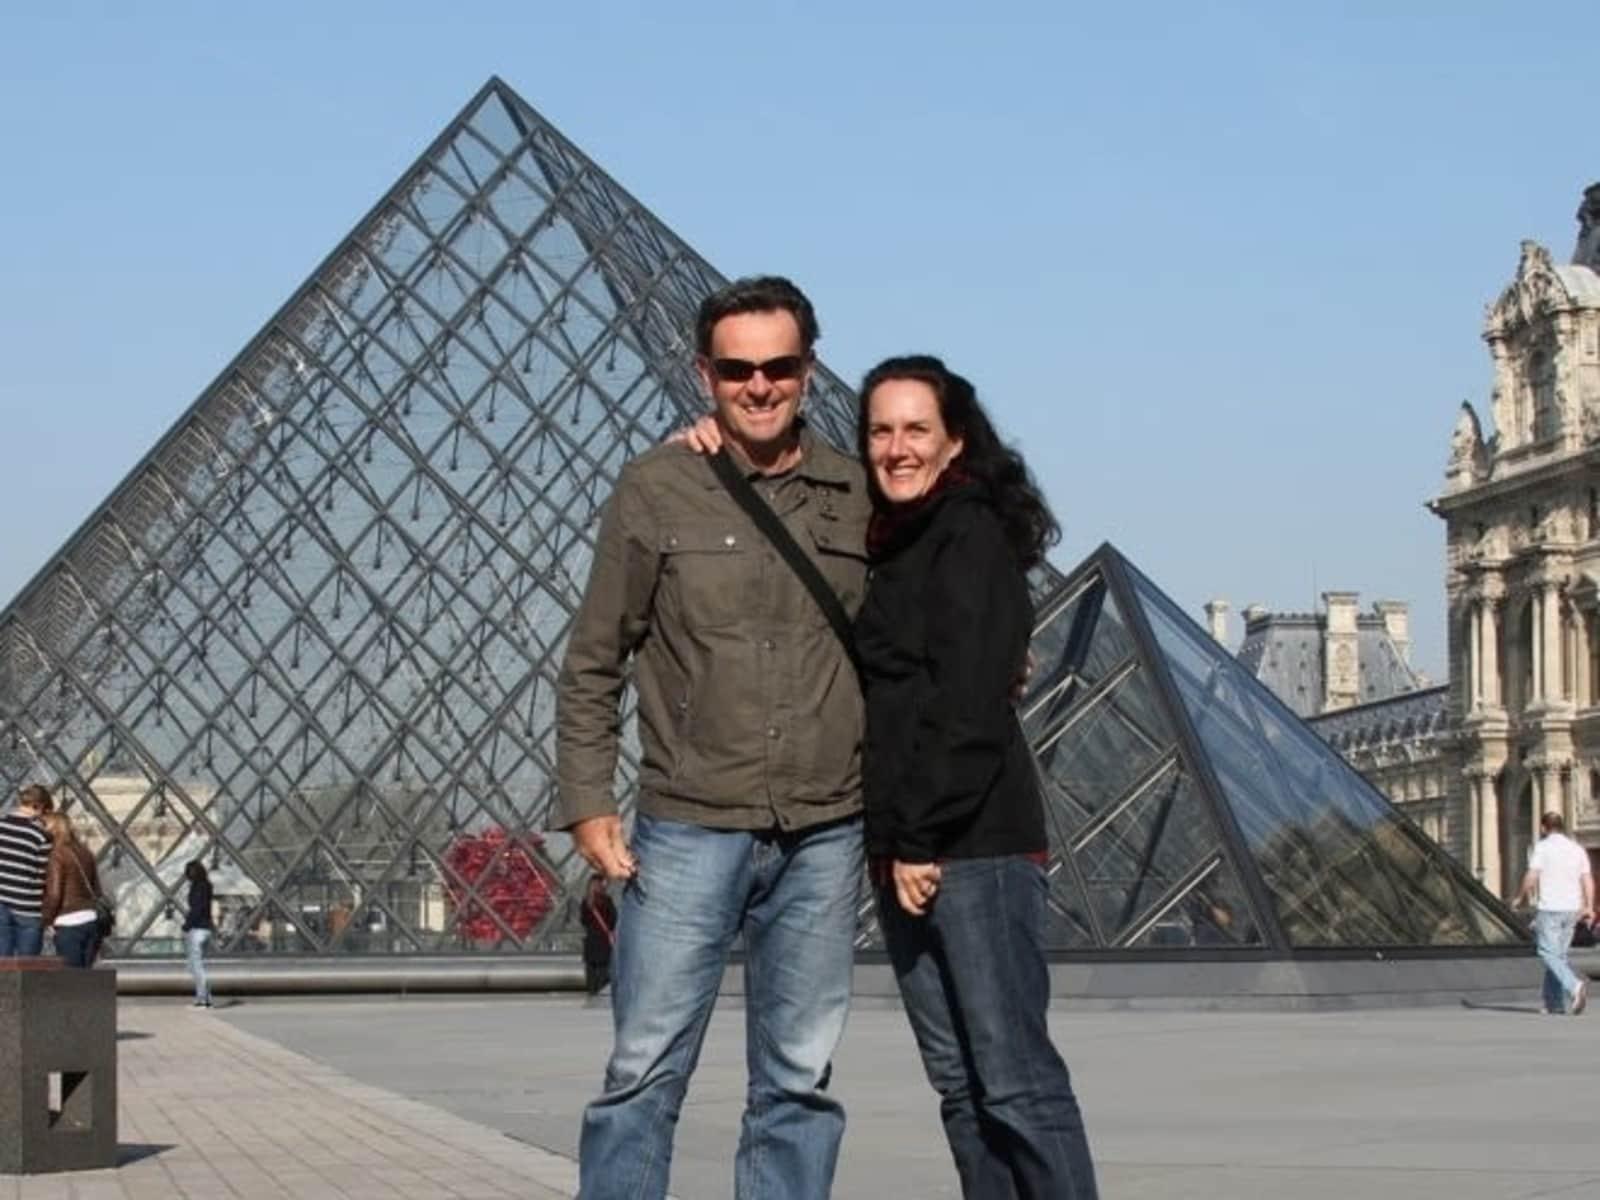 Sarah & Simon from Melbourne, Victoria, Australia